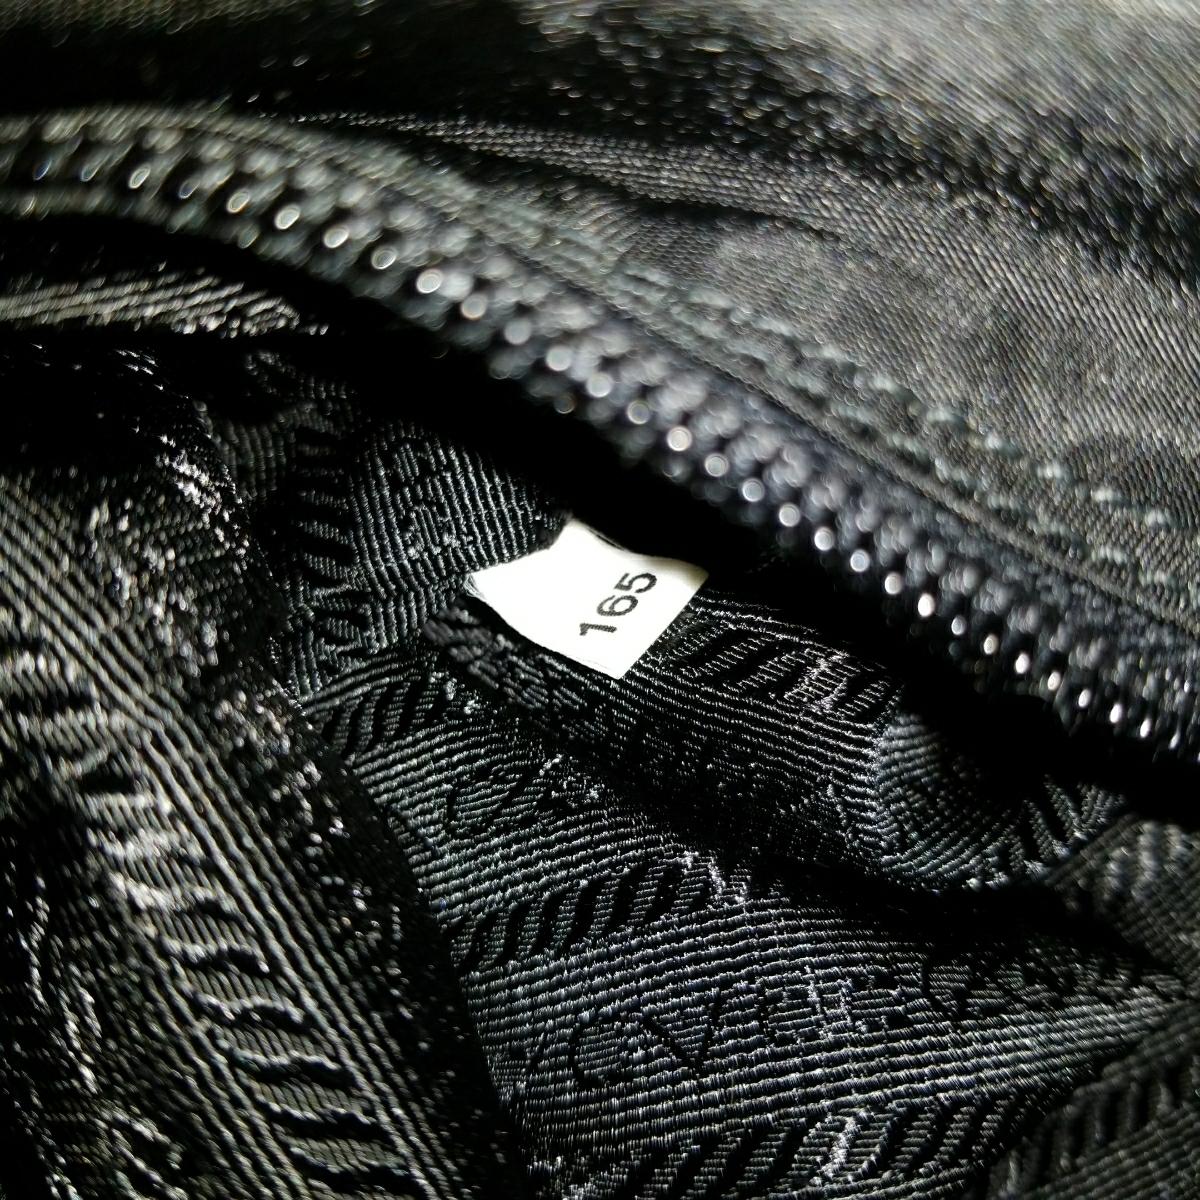 【正規品】新品 PRADA プラダ ショルダーバッグ 保存袋・ギャランティカード付 気持ち良く使って頂けます_画像10